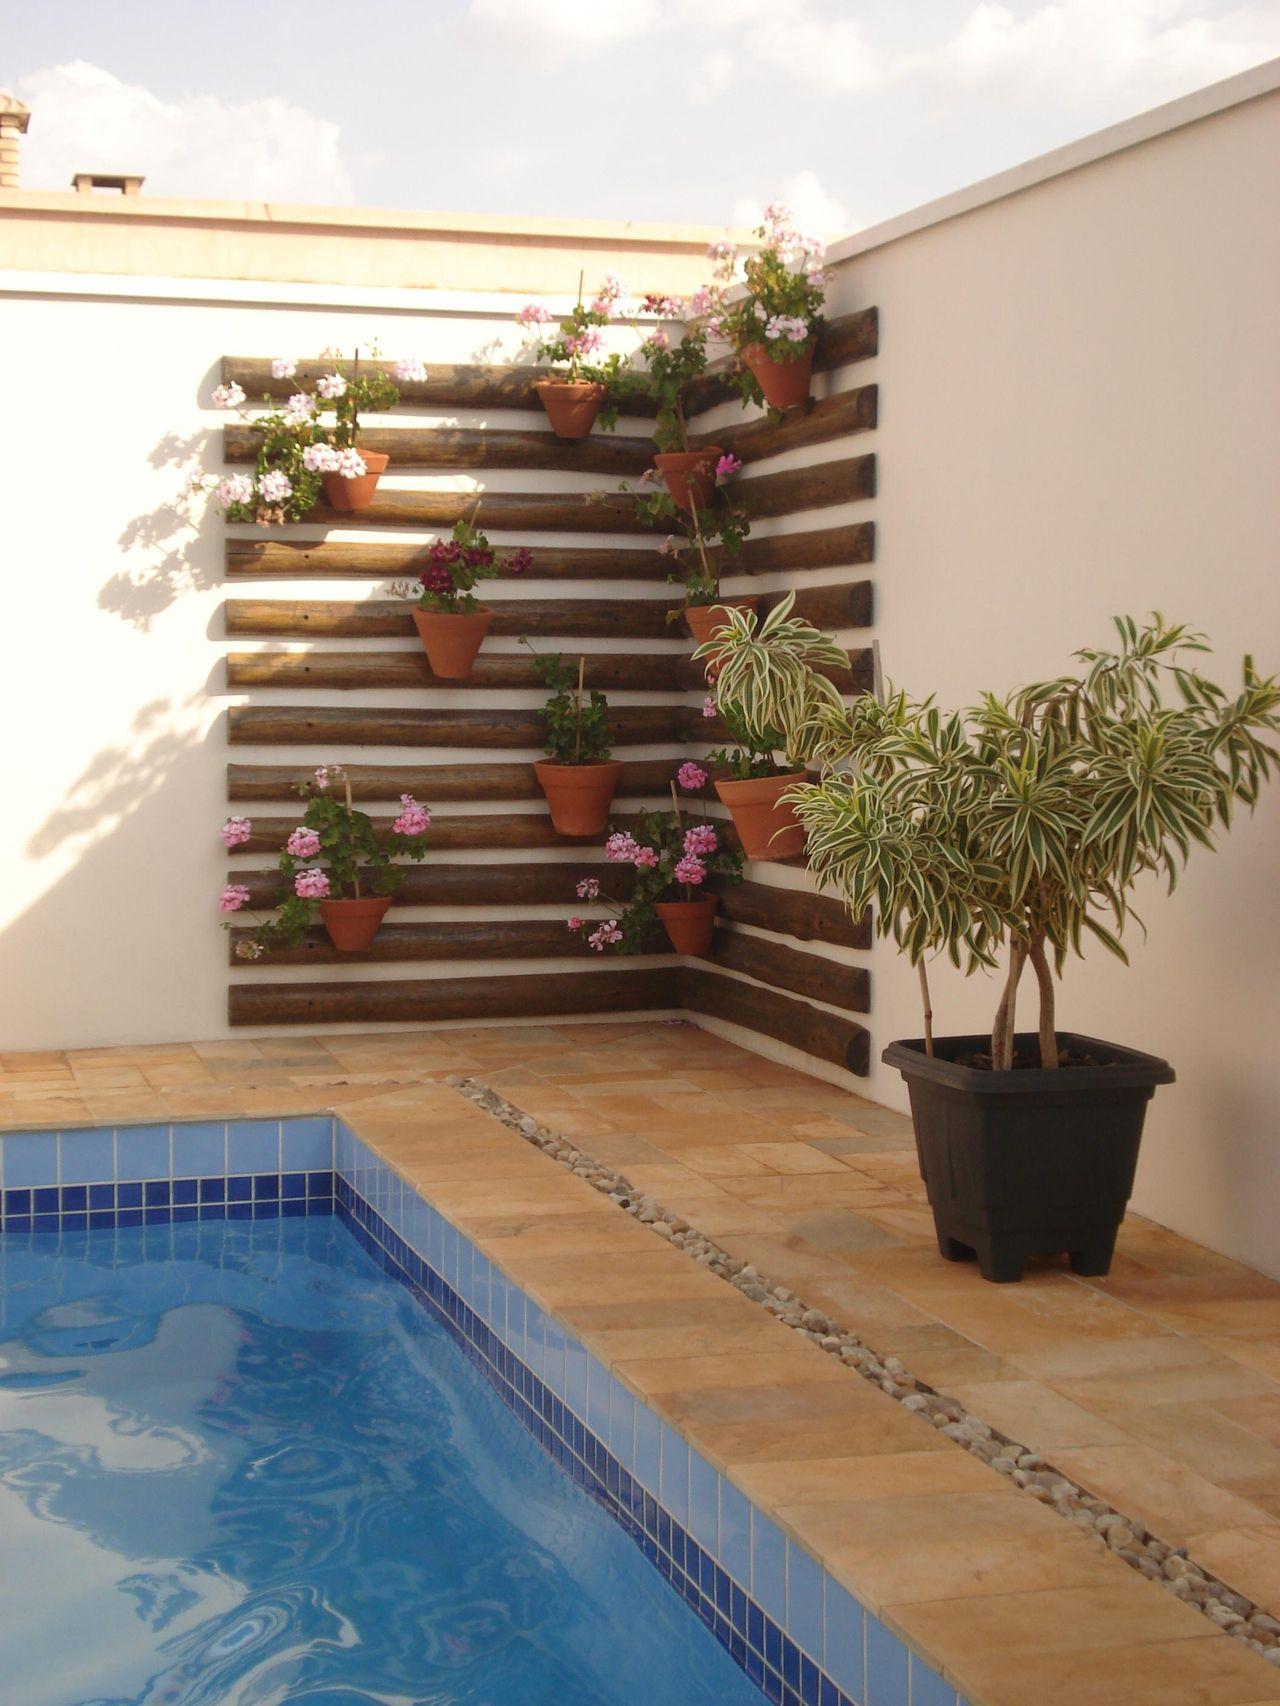 Area do jardim com parede de tacos e vasos de orquideas